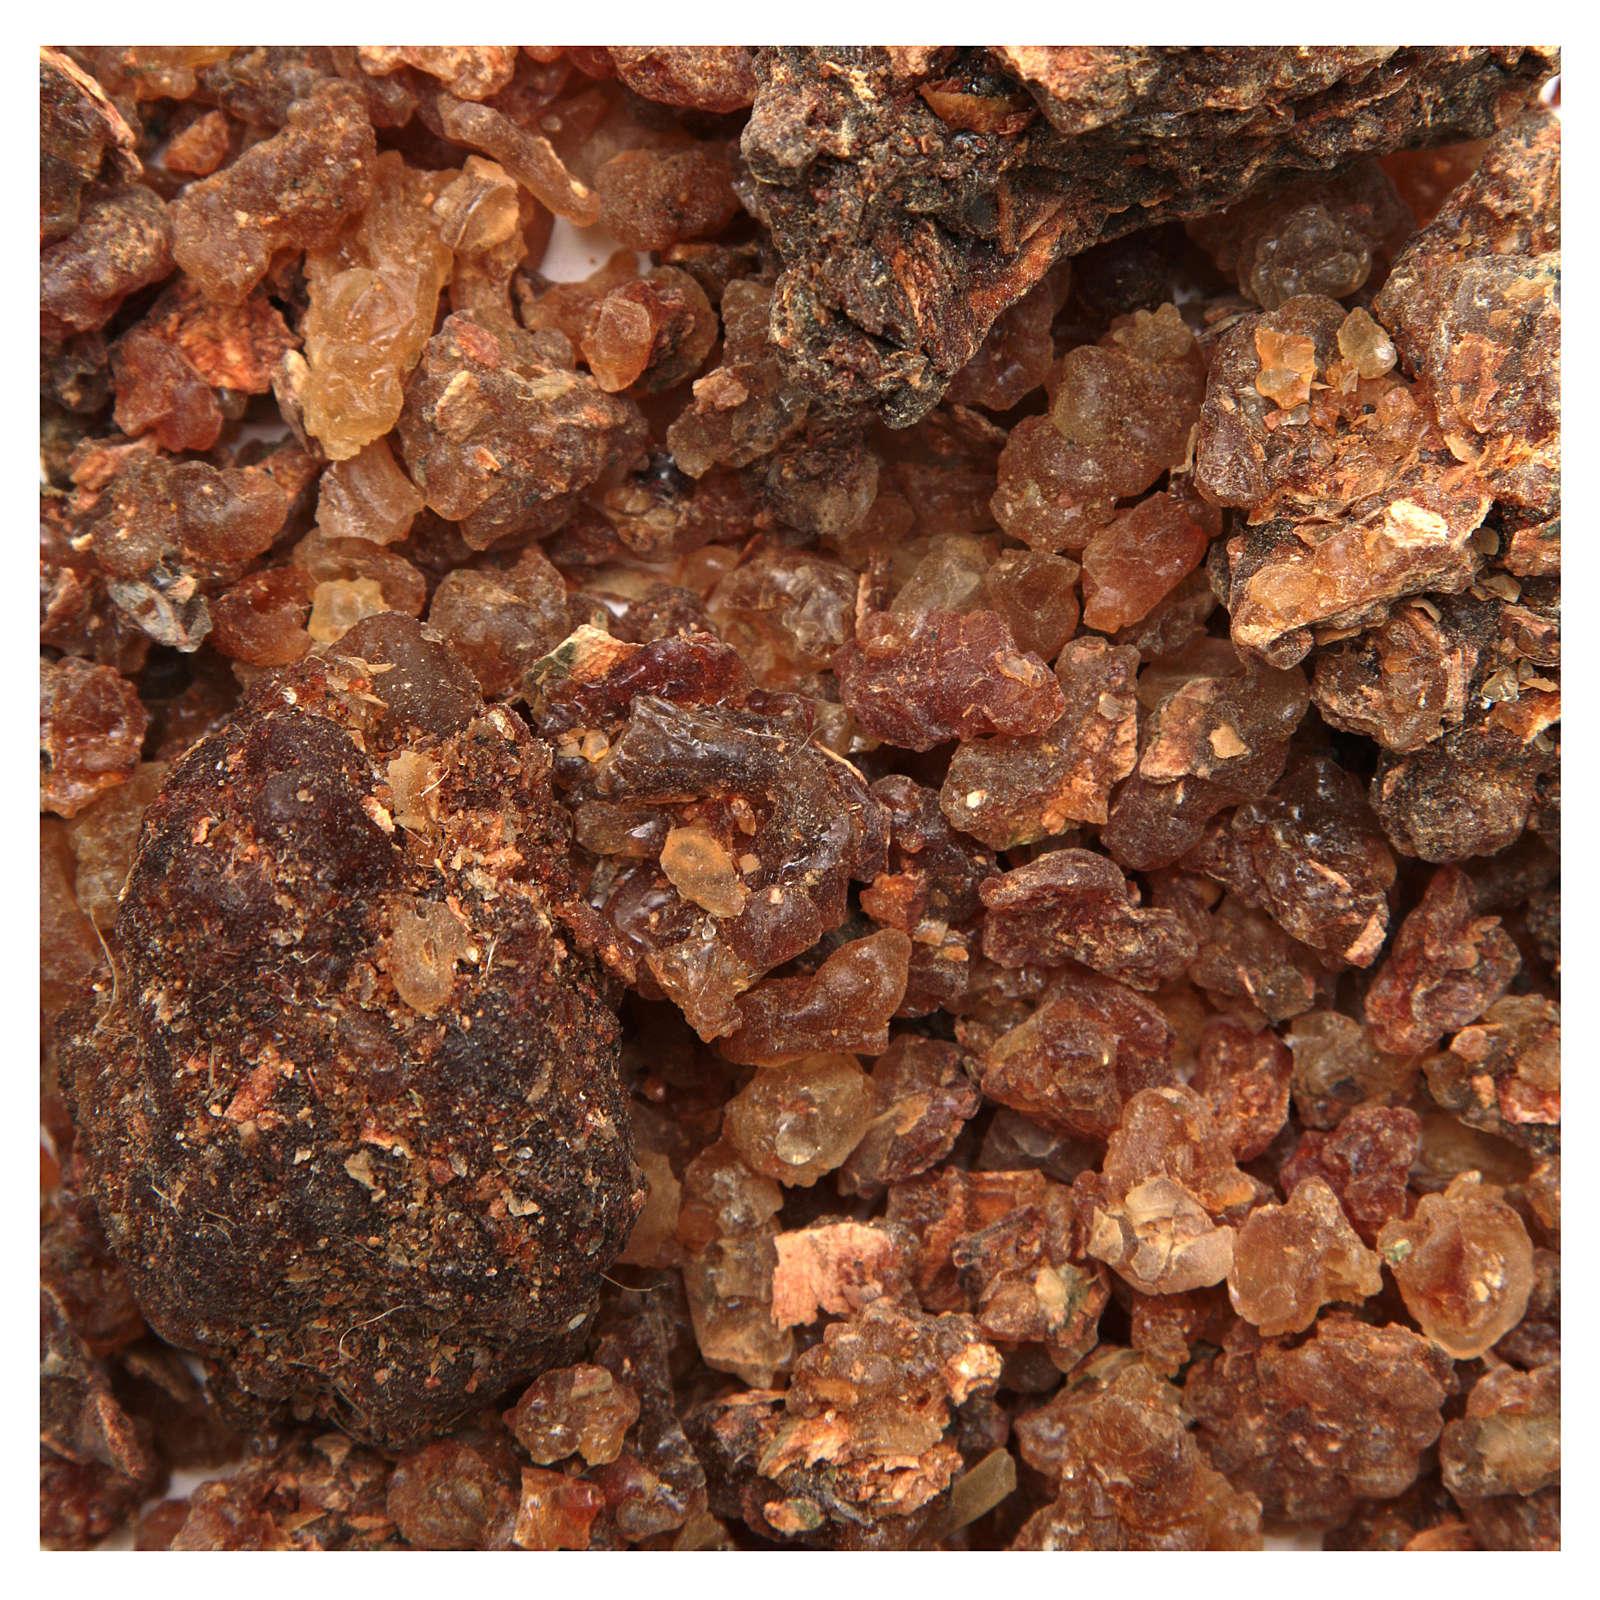 Myrrh chuncks 3